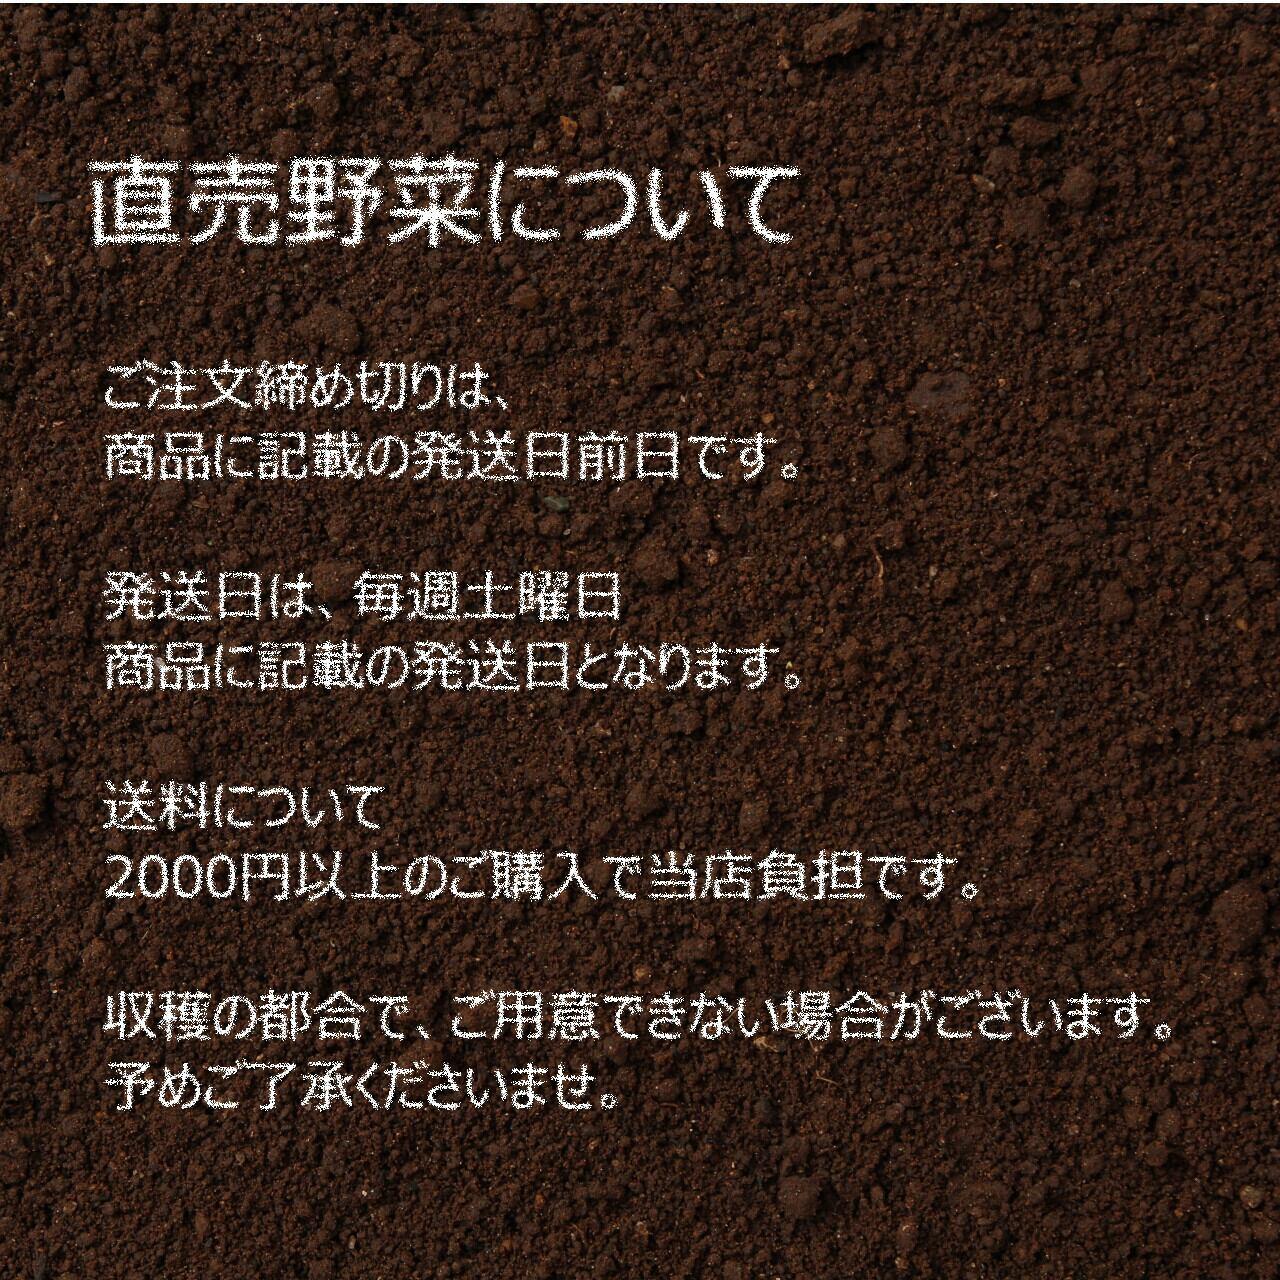 5月の朝採り直売野菜:ニラ 約250g 春の新鮮野菜 5月15日発送予定